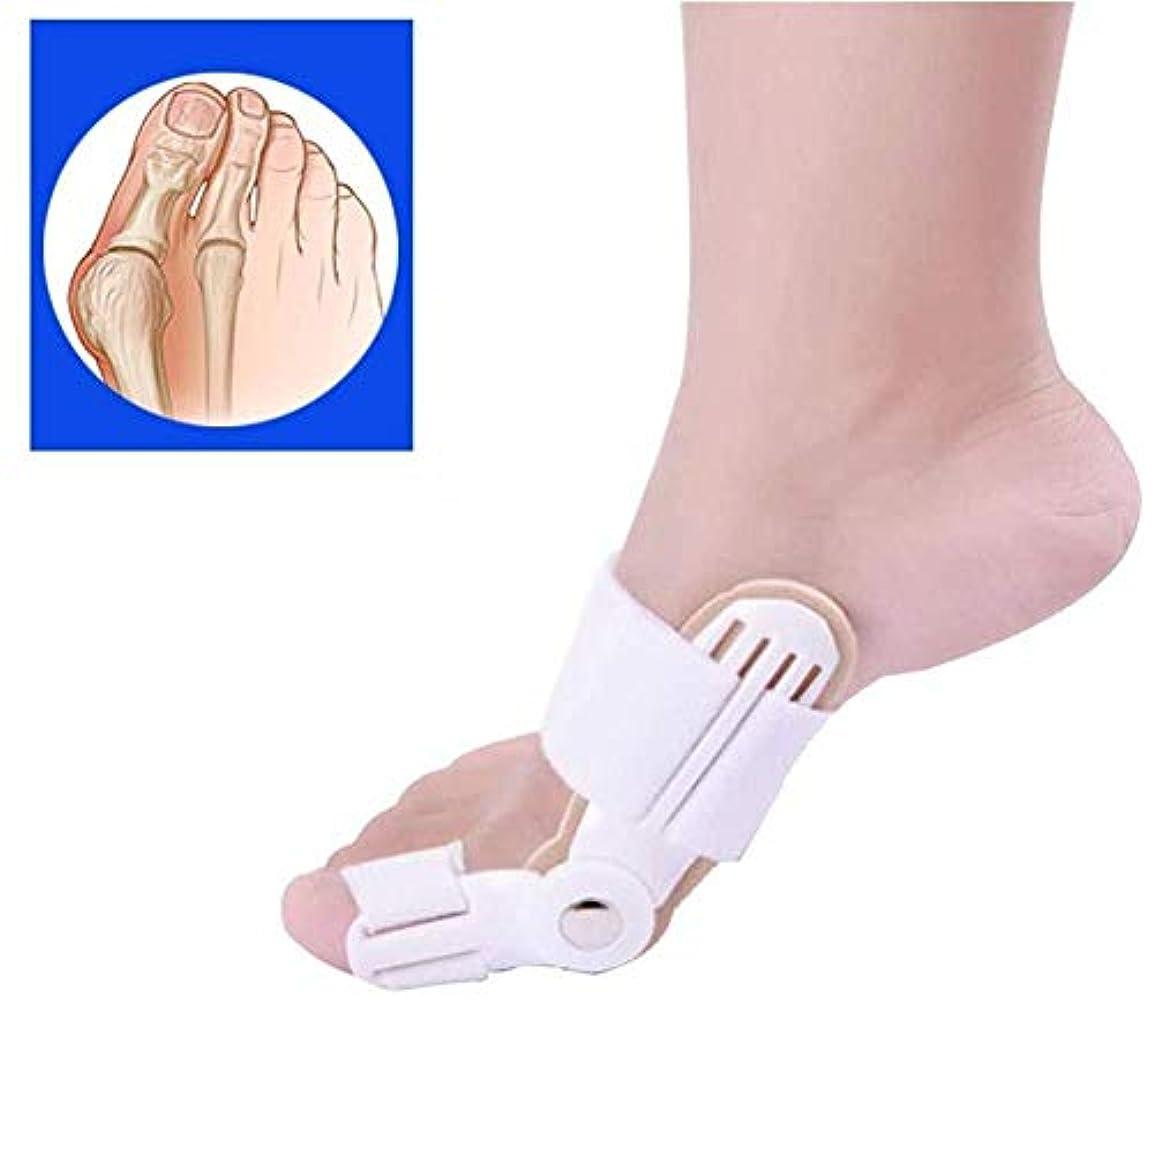 永続アパル噴水つま先の添え木、足の親指の矯正、外反母hallセパレーター、滑液包炎緩和プロテクター、つま先の関節スペーサー、矯正の痛み